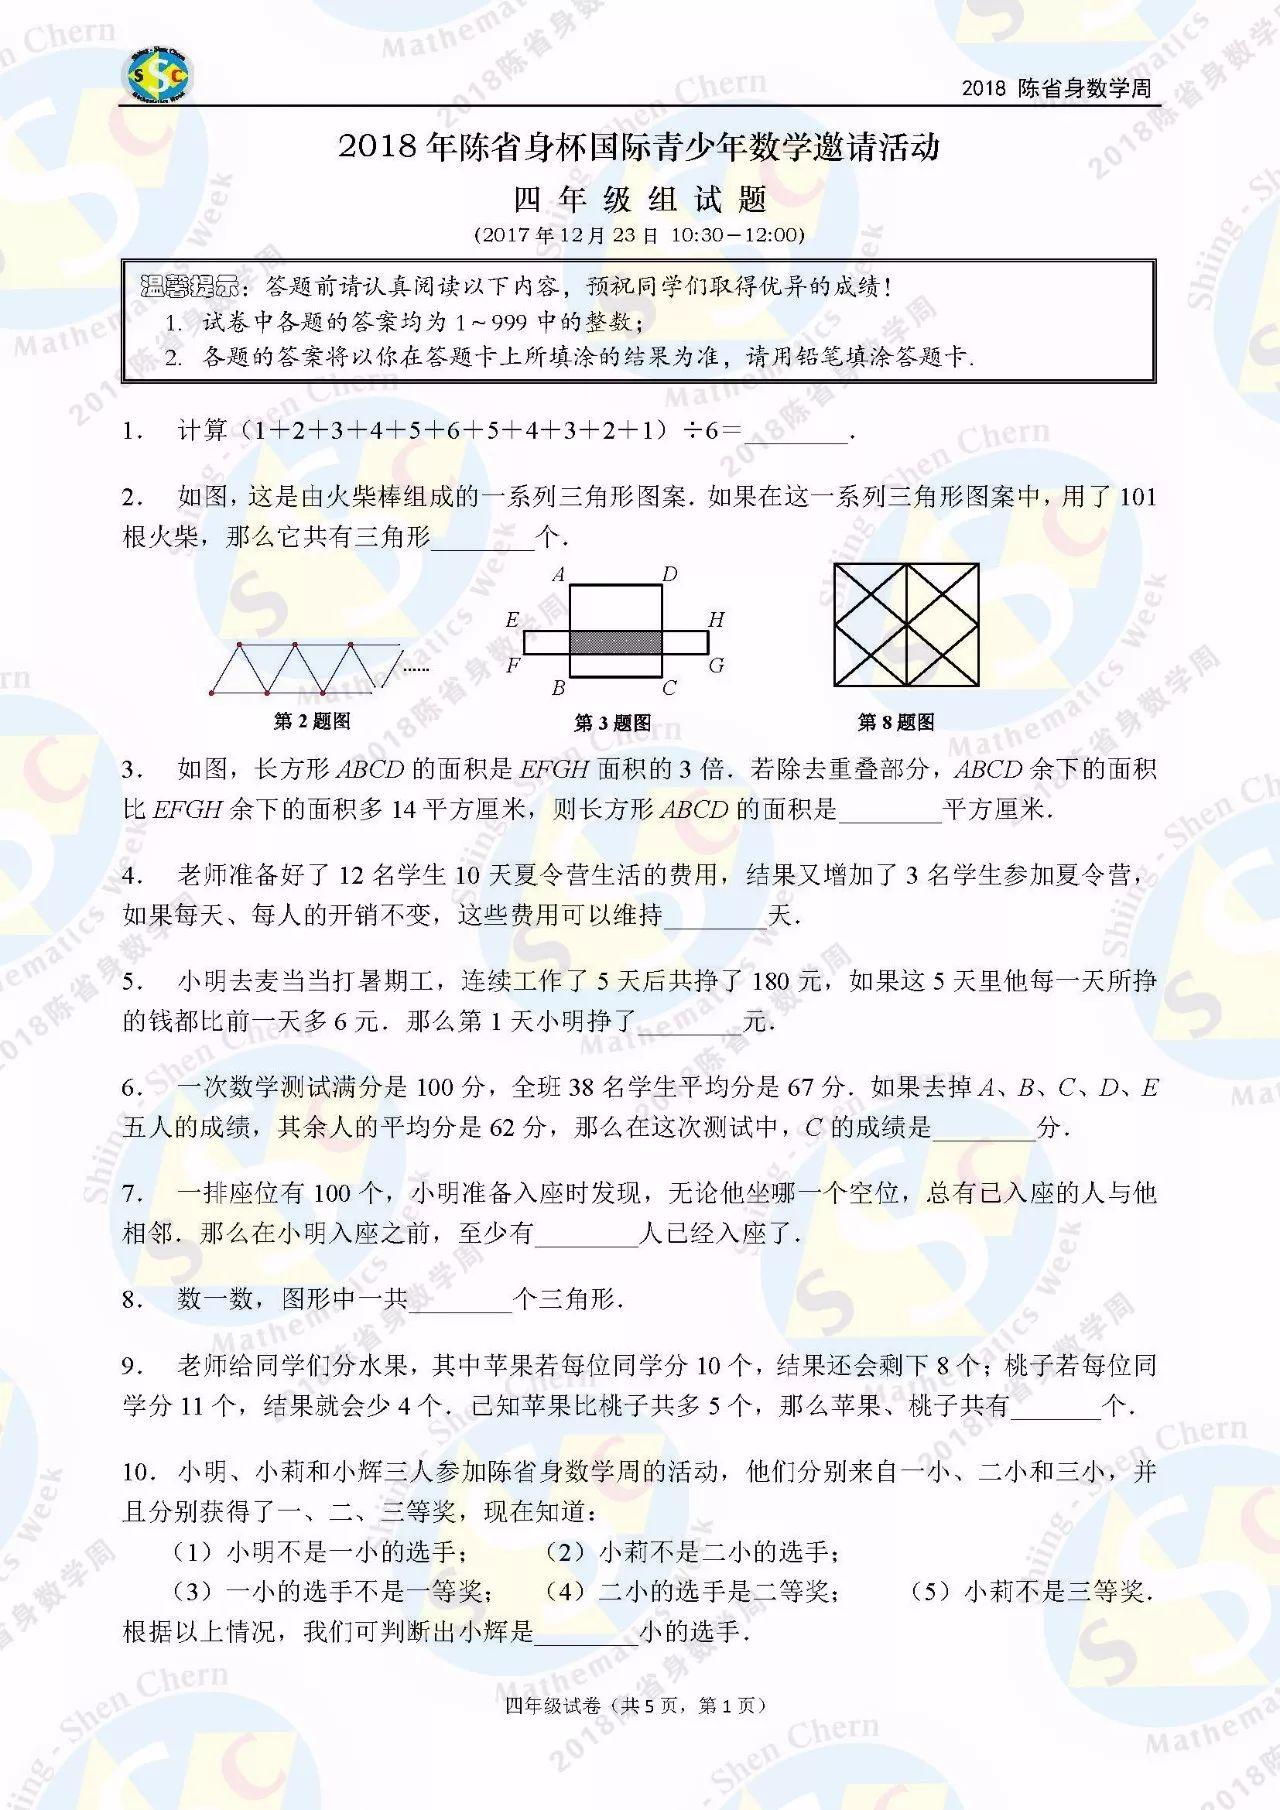 2018年陈省身杯国际青少年数学邀请赛四年级试题1